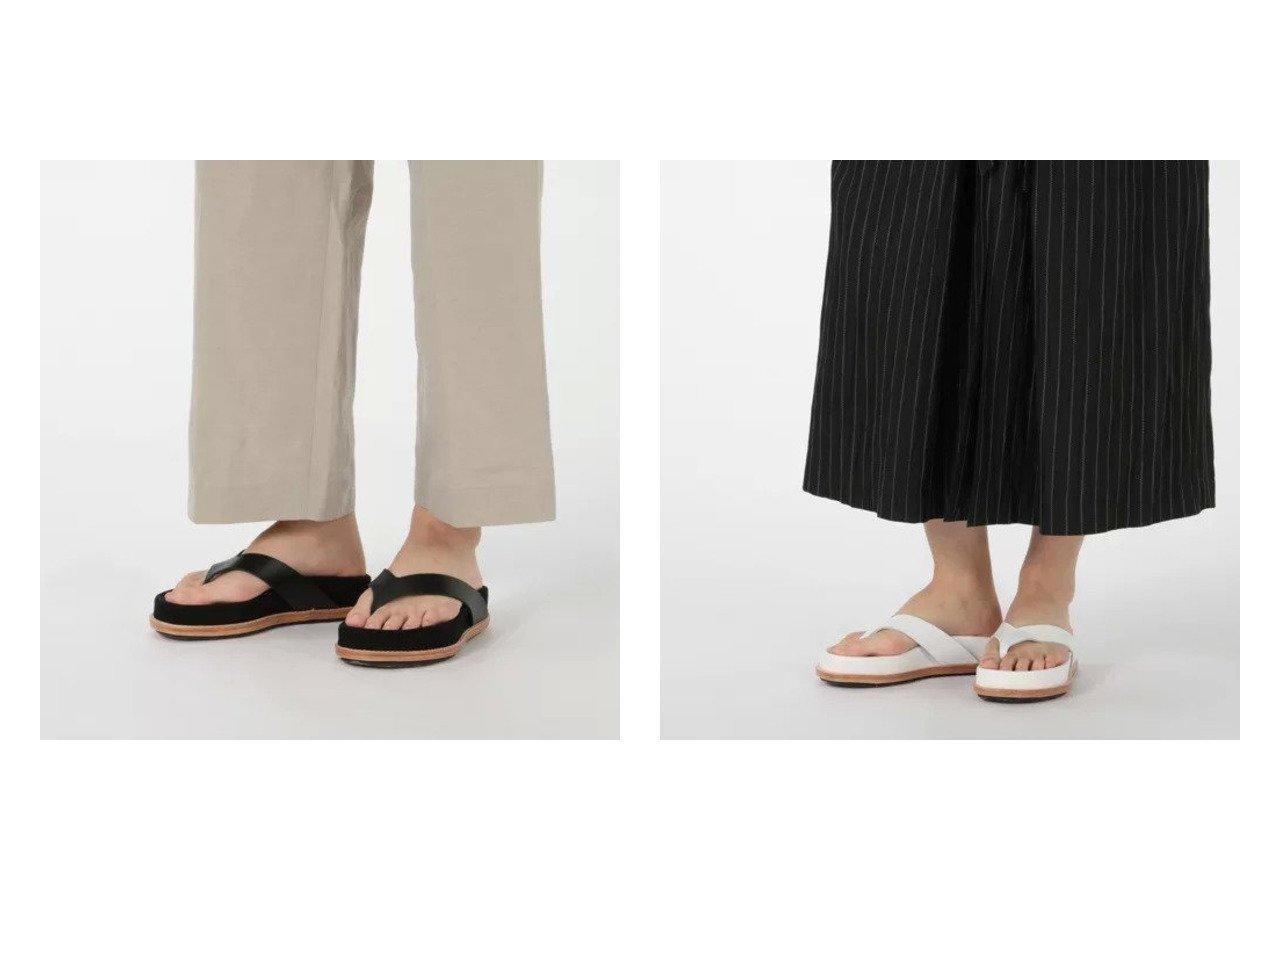 【JANE SMITH/ジェーンスミス】のFRIP FROP SANDALS シューズ・靴のおすすめ!人気、トレンド・レディースファッションの通販  おすすめで人気の流行・トレンド、ファッションの通販商品 メンズファッション・キッズファッション・インテリア・家具・レディースファッション・服の通販 founy(ファニー) https://founy.com/ ファッション Fashion レディースファッション WOMEN サンダル シューズ ビーチ |ID:crp329100000009868